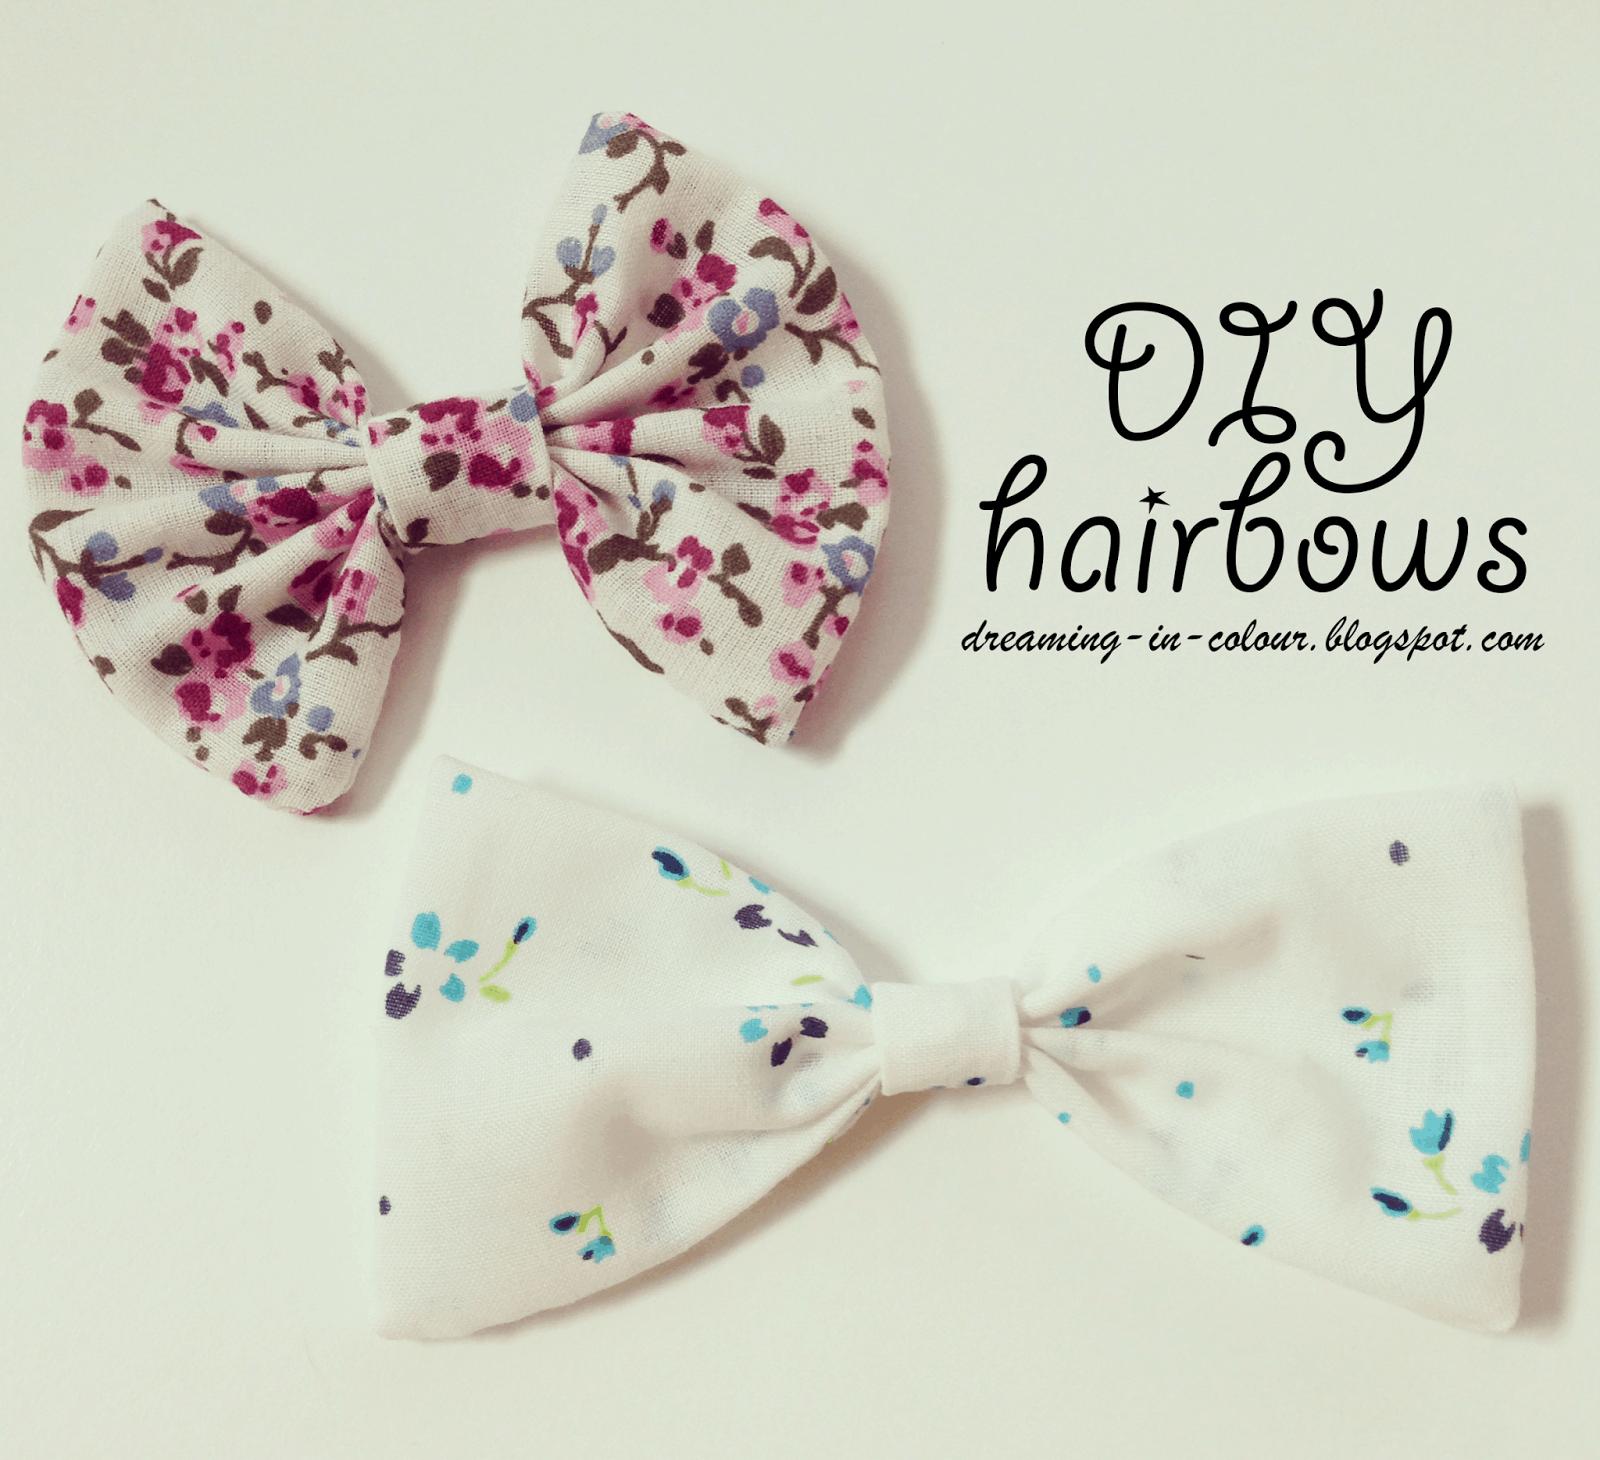 Vintage hair bows